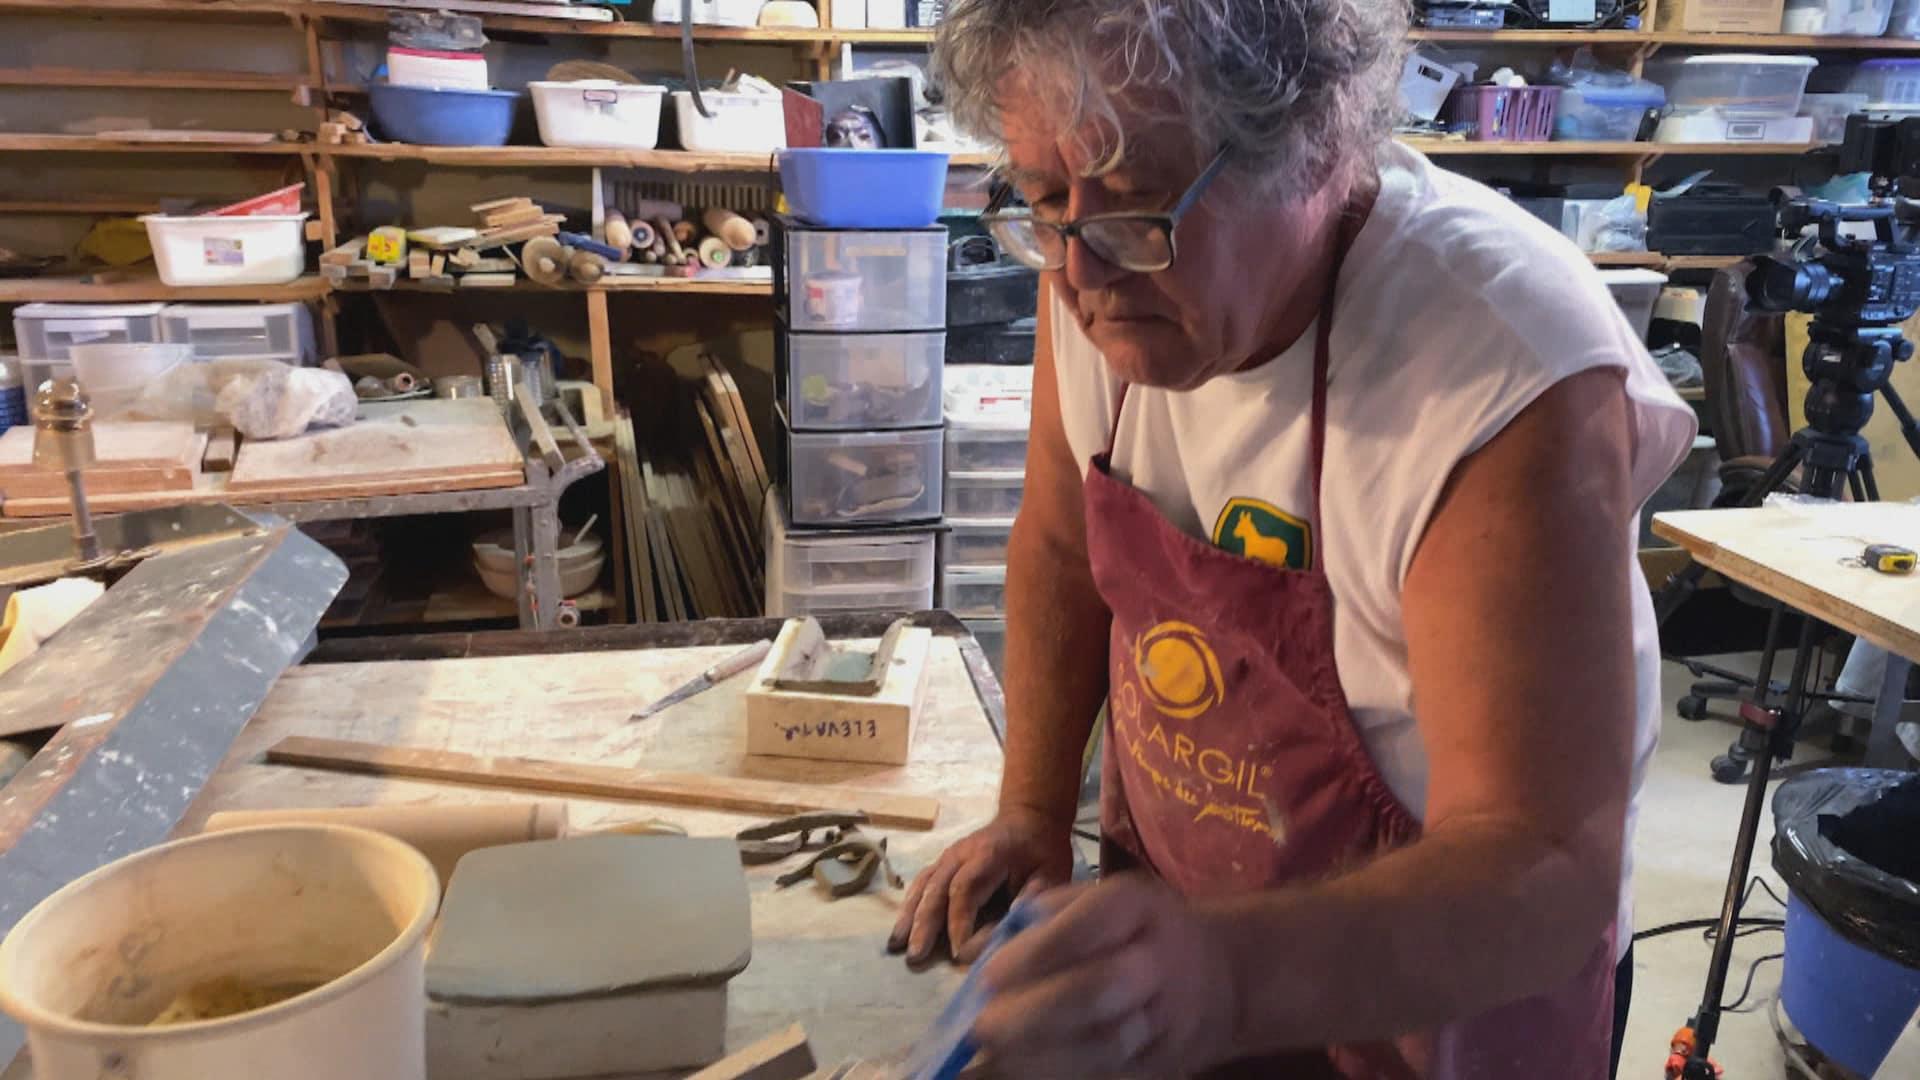 Charley Farrero prend un outil pour travailler l'argile, dans un atelier avec des étagères remplies de matériaux et d'outils.